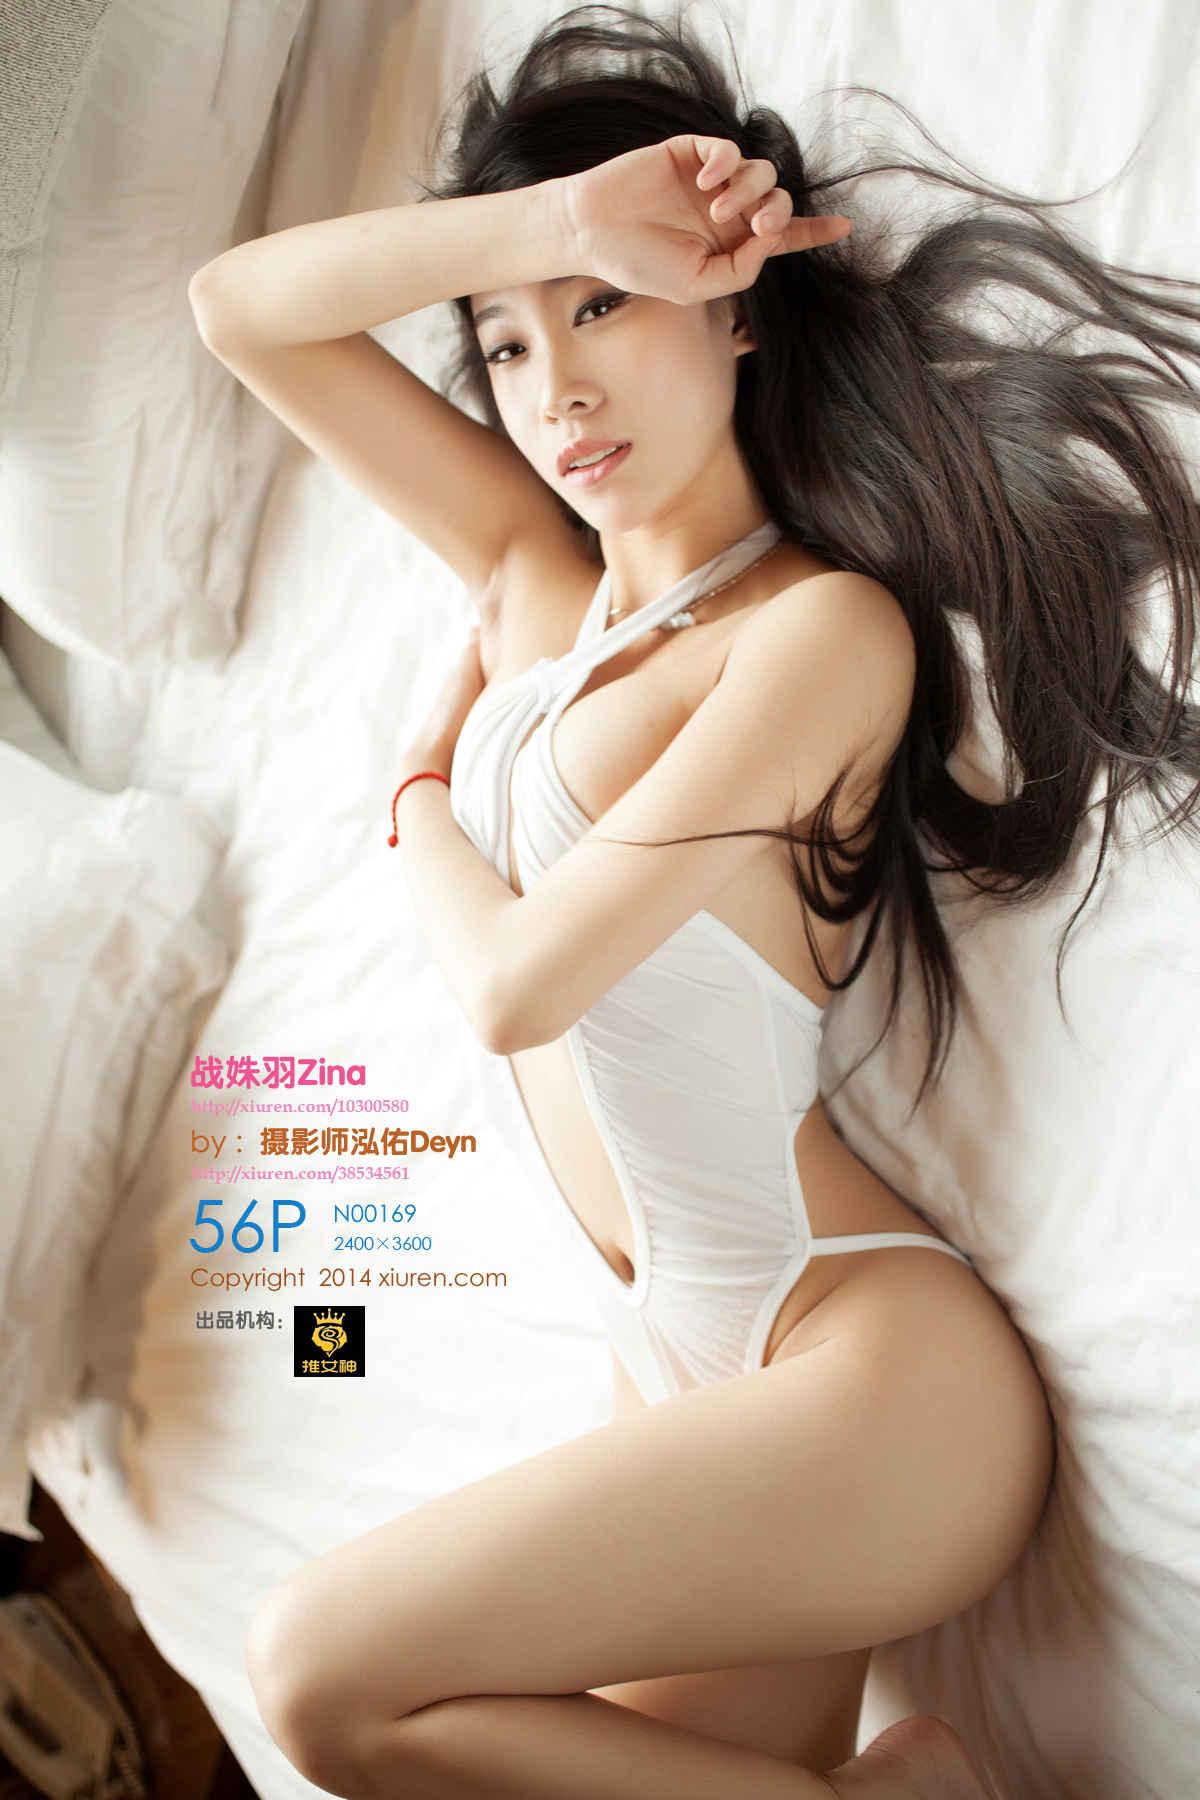 XiuRen-N00169-Zina-cover.jpg